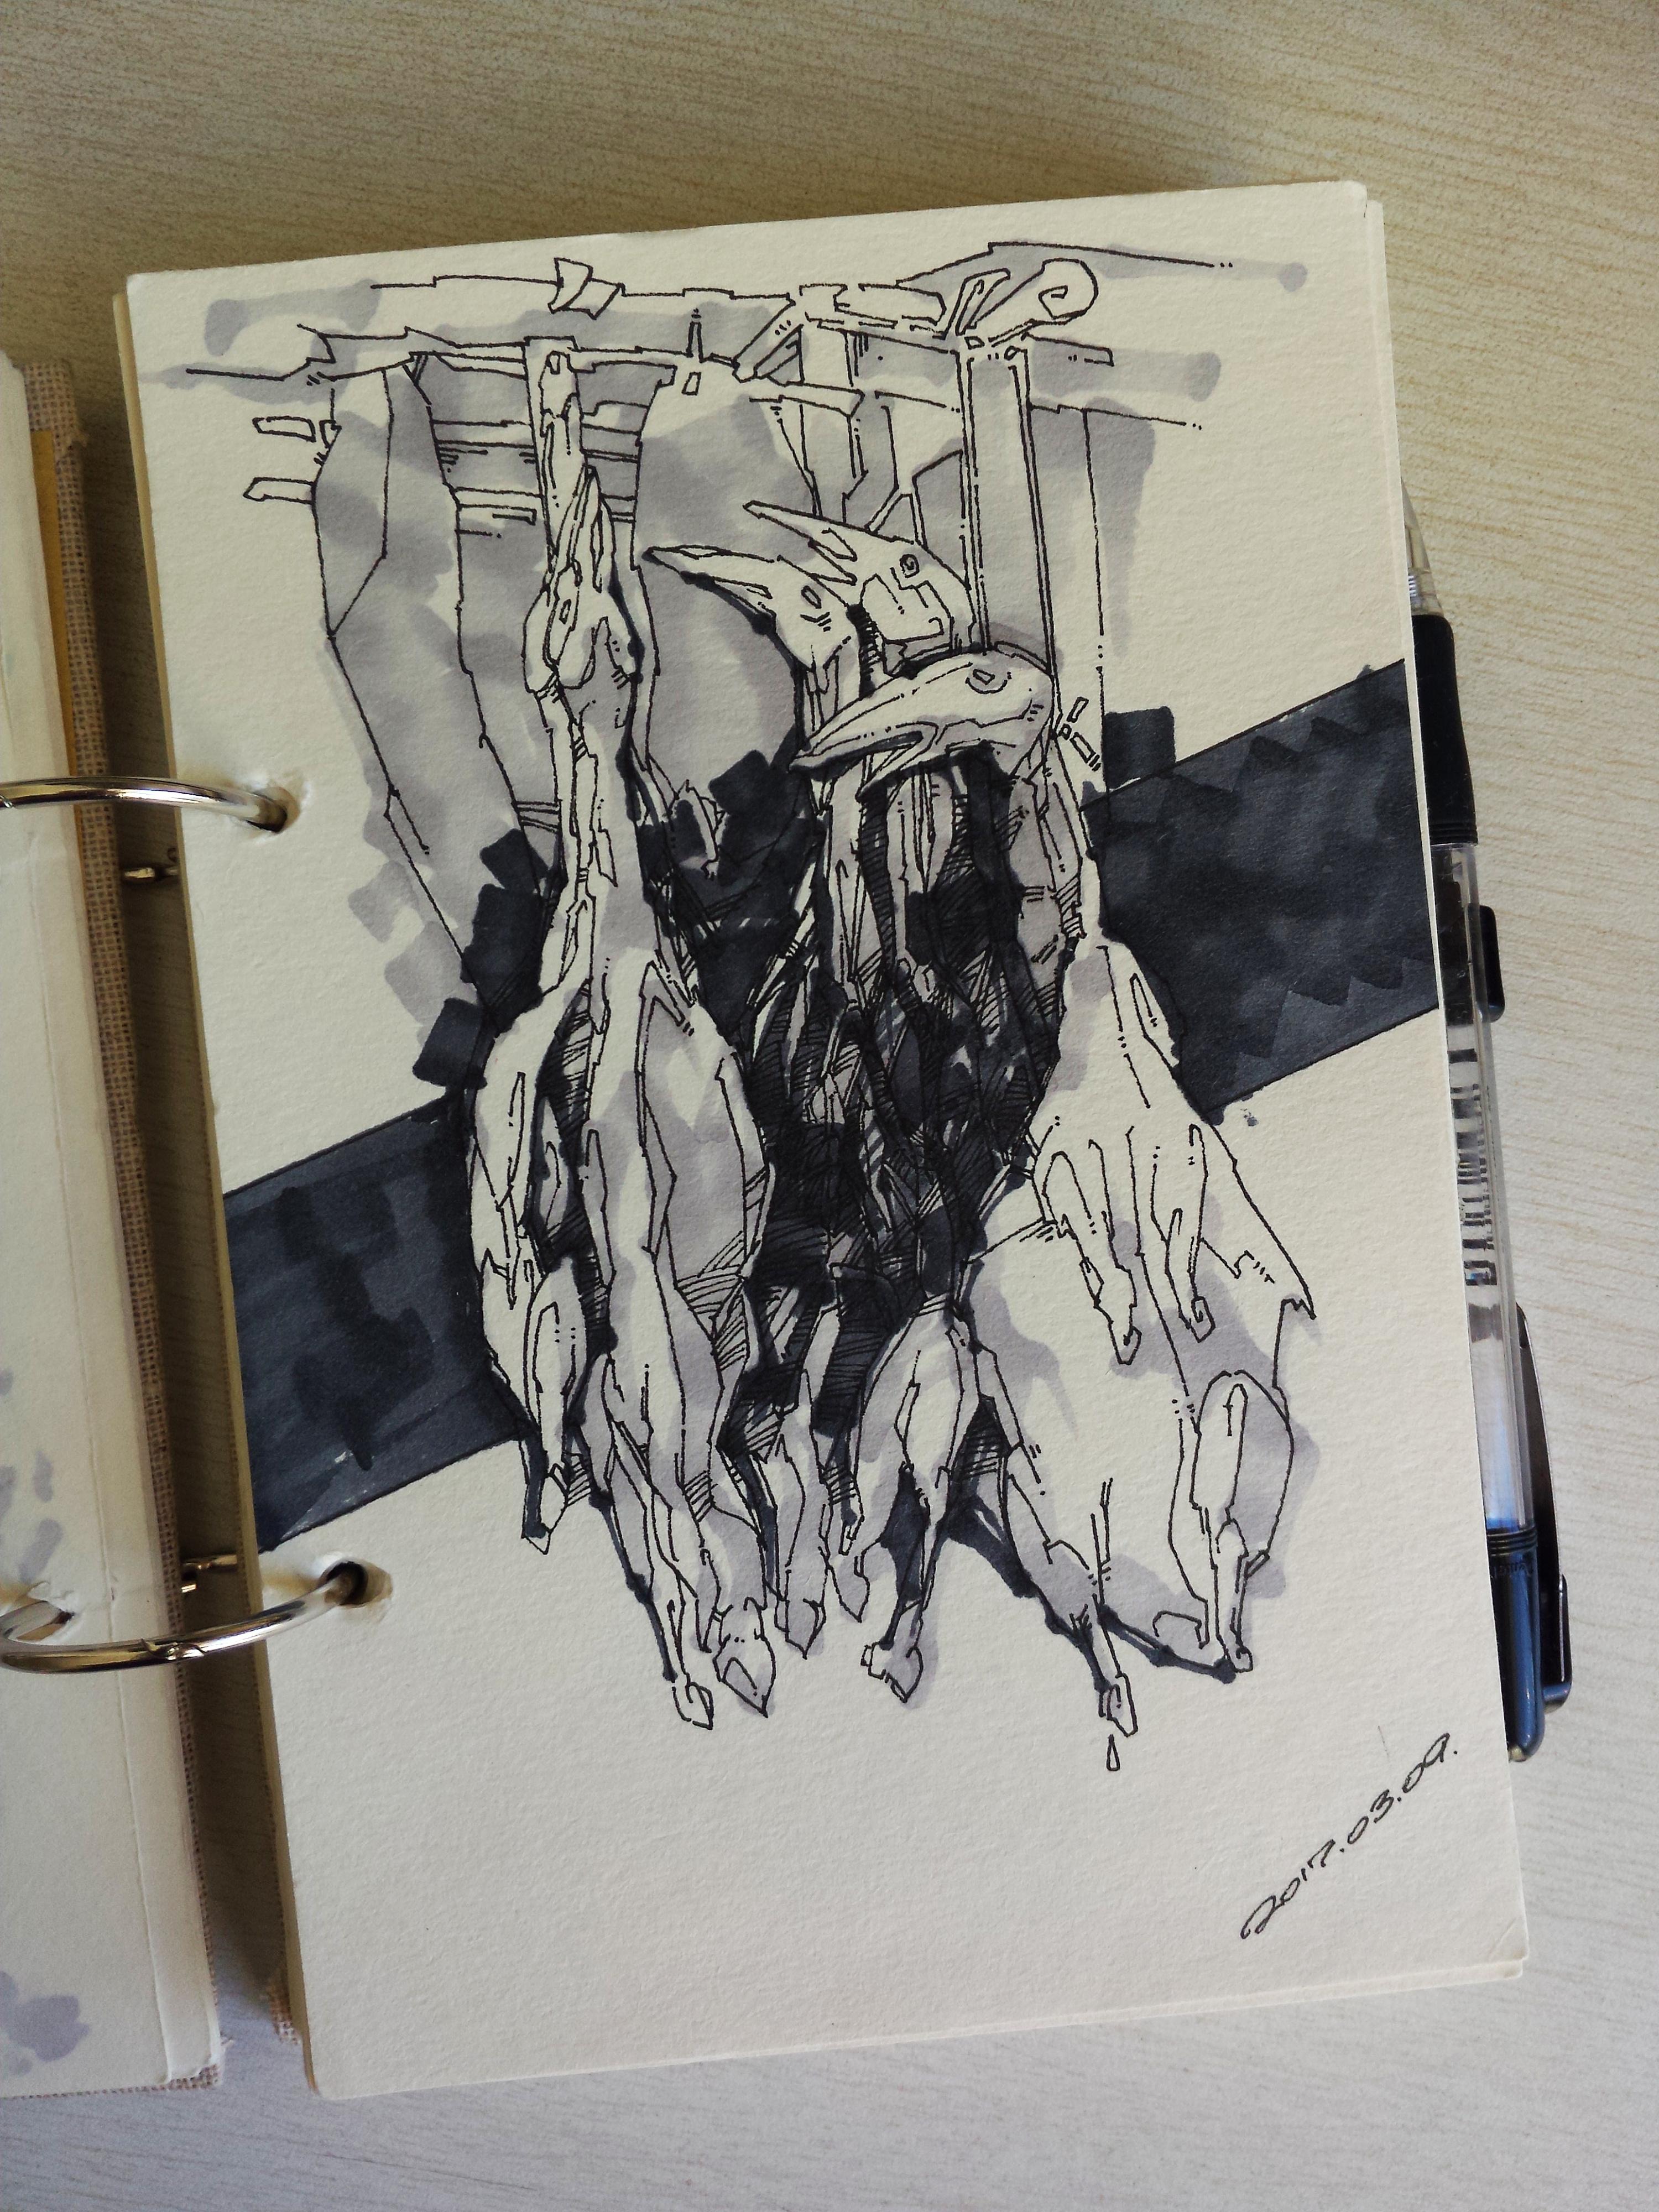 手绘作品|插画|插画习作|火山_1981 - 原创作品